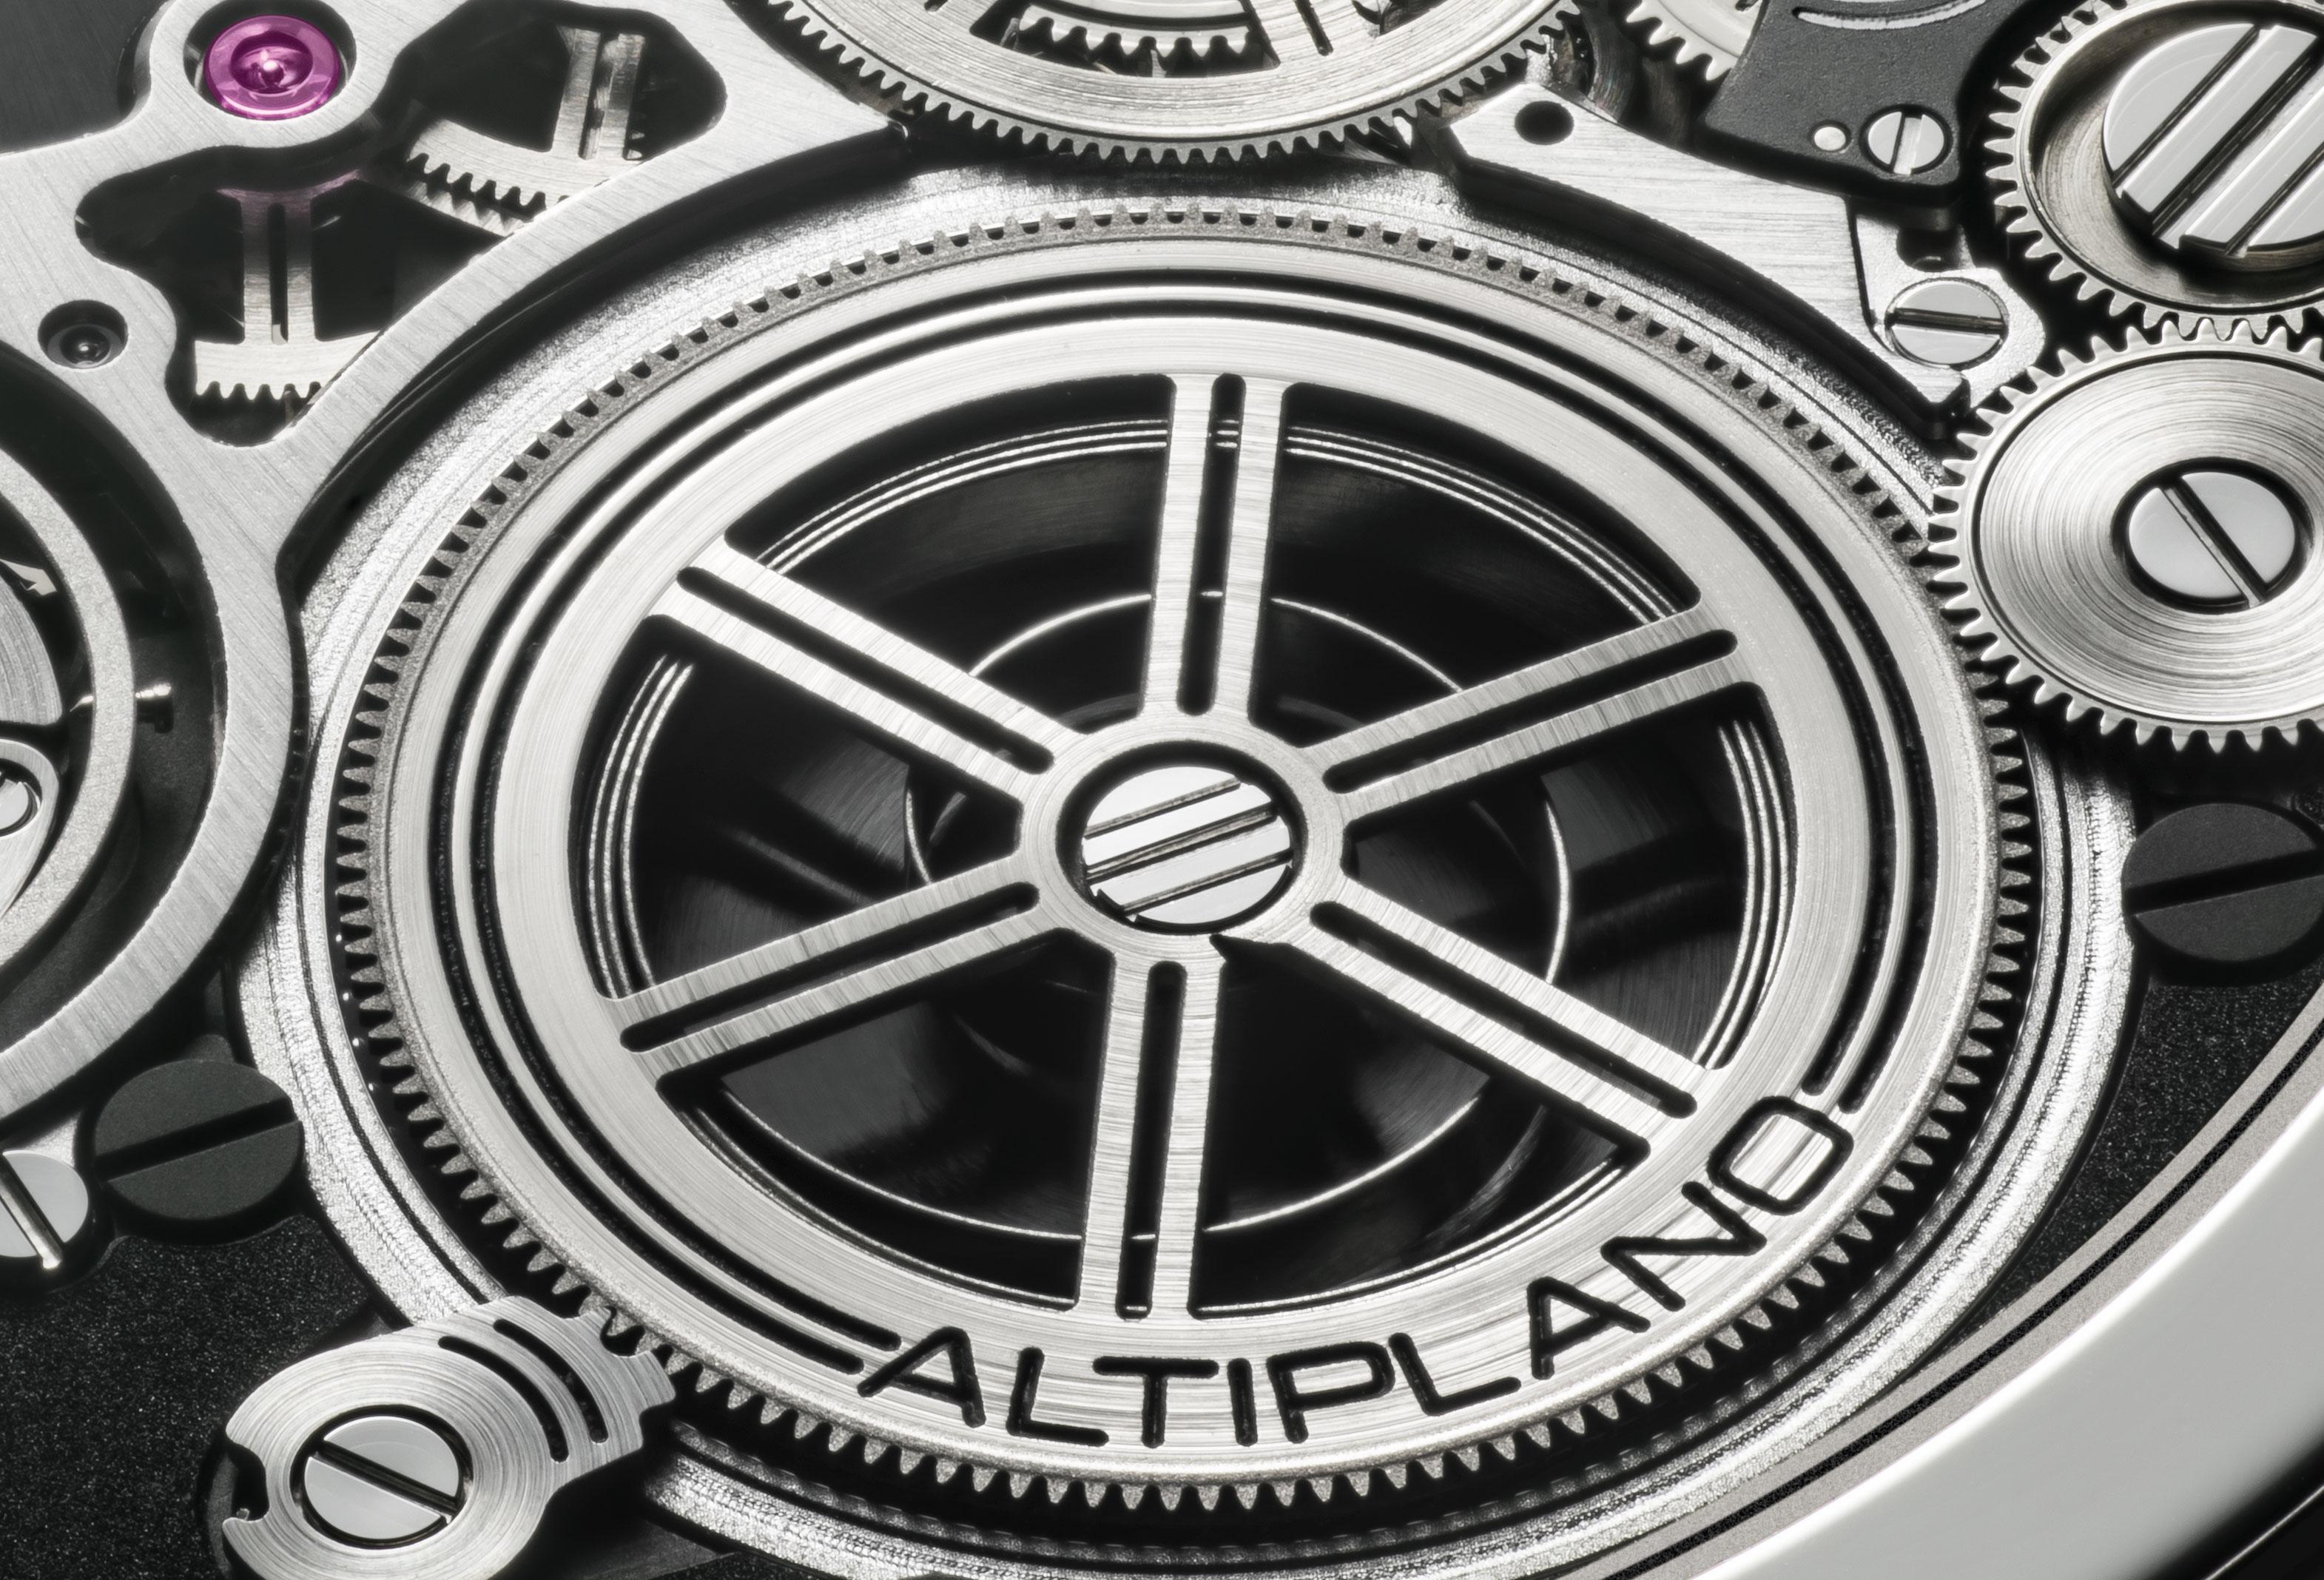 Barrilete reloj más plano del mundo Altiplano Ultimate Concept de Piaget